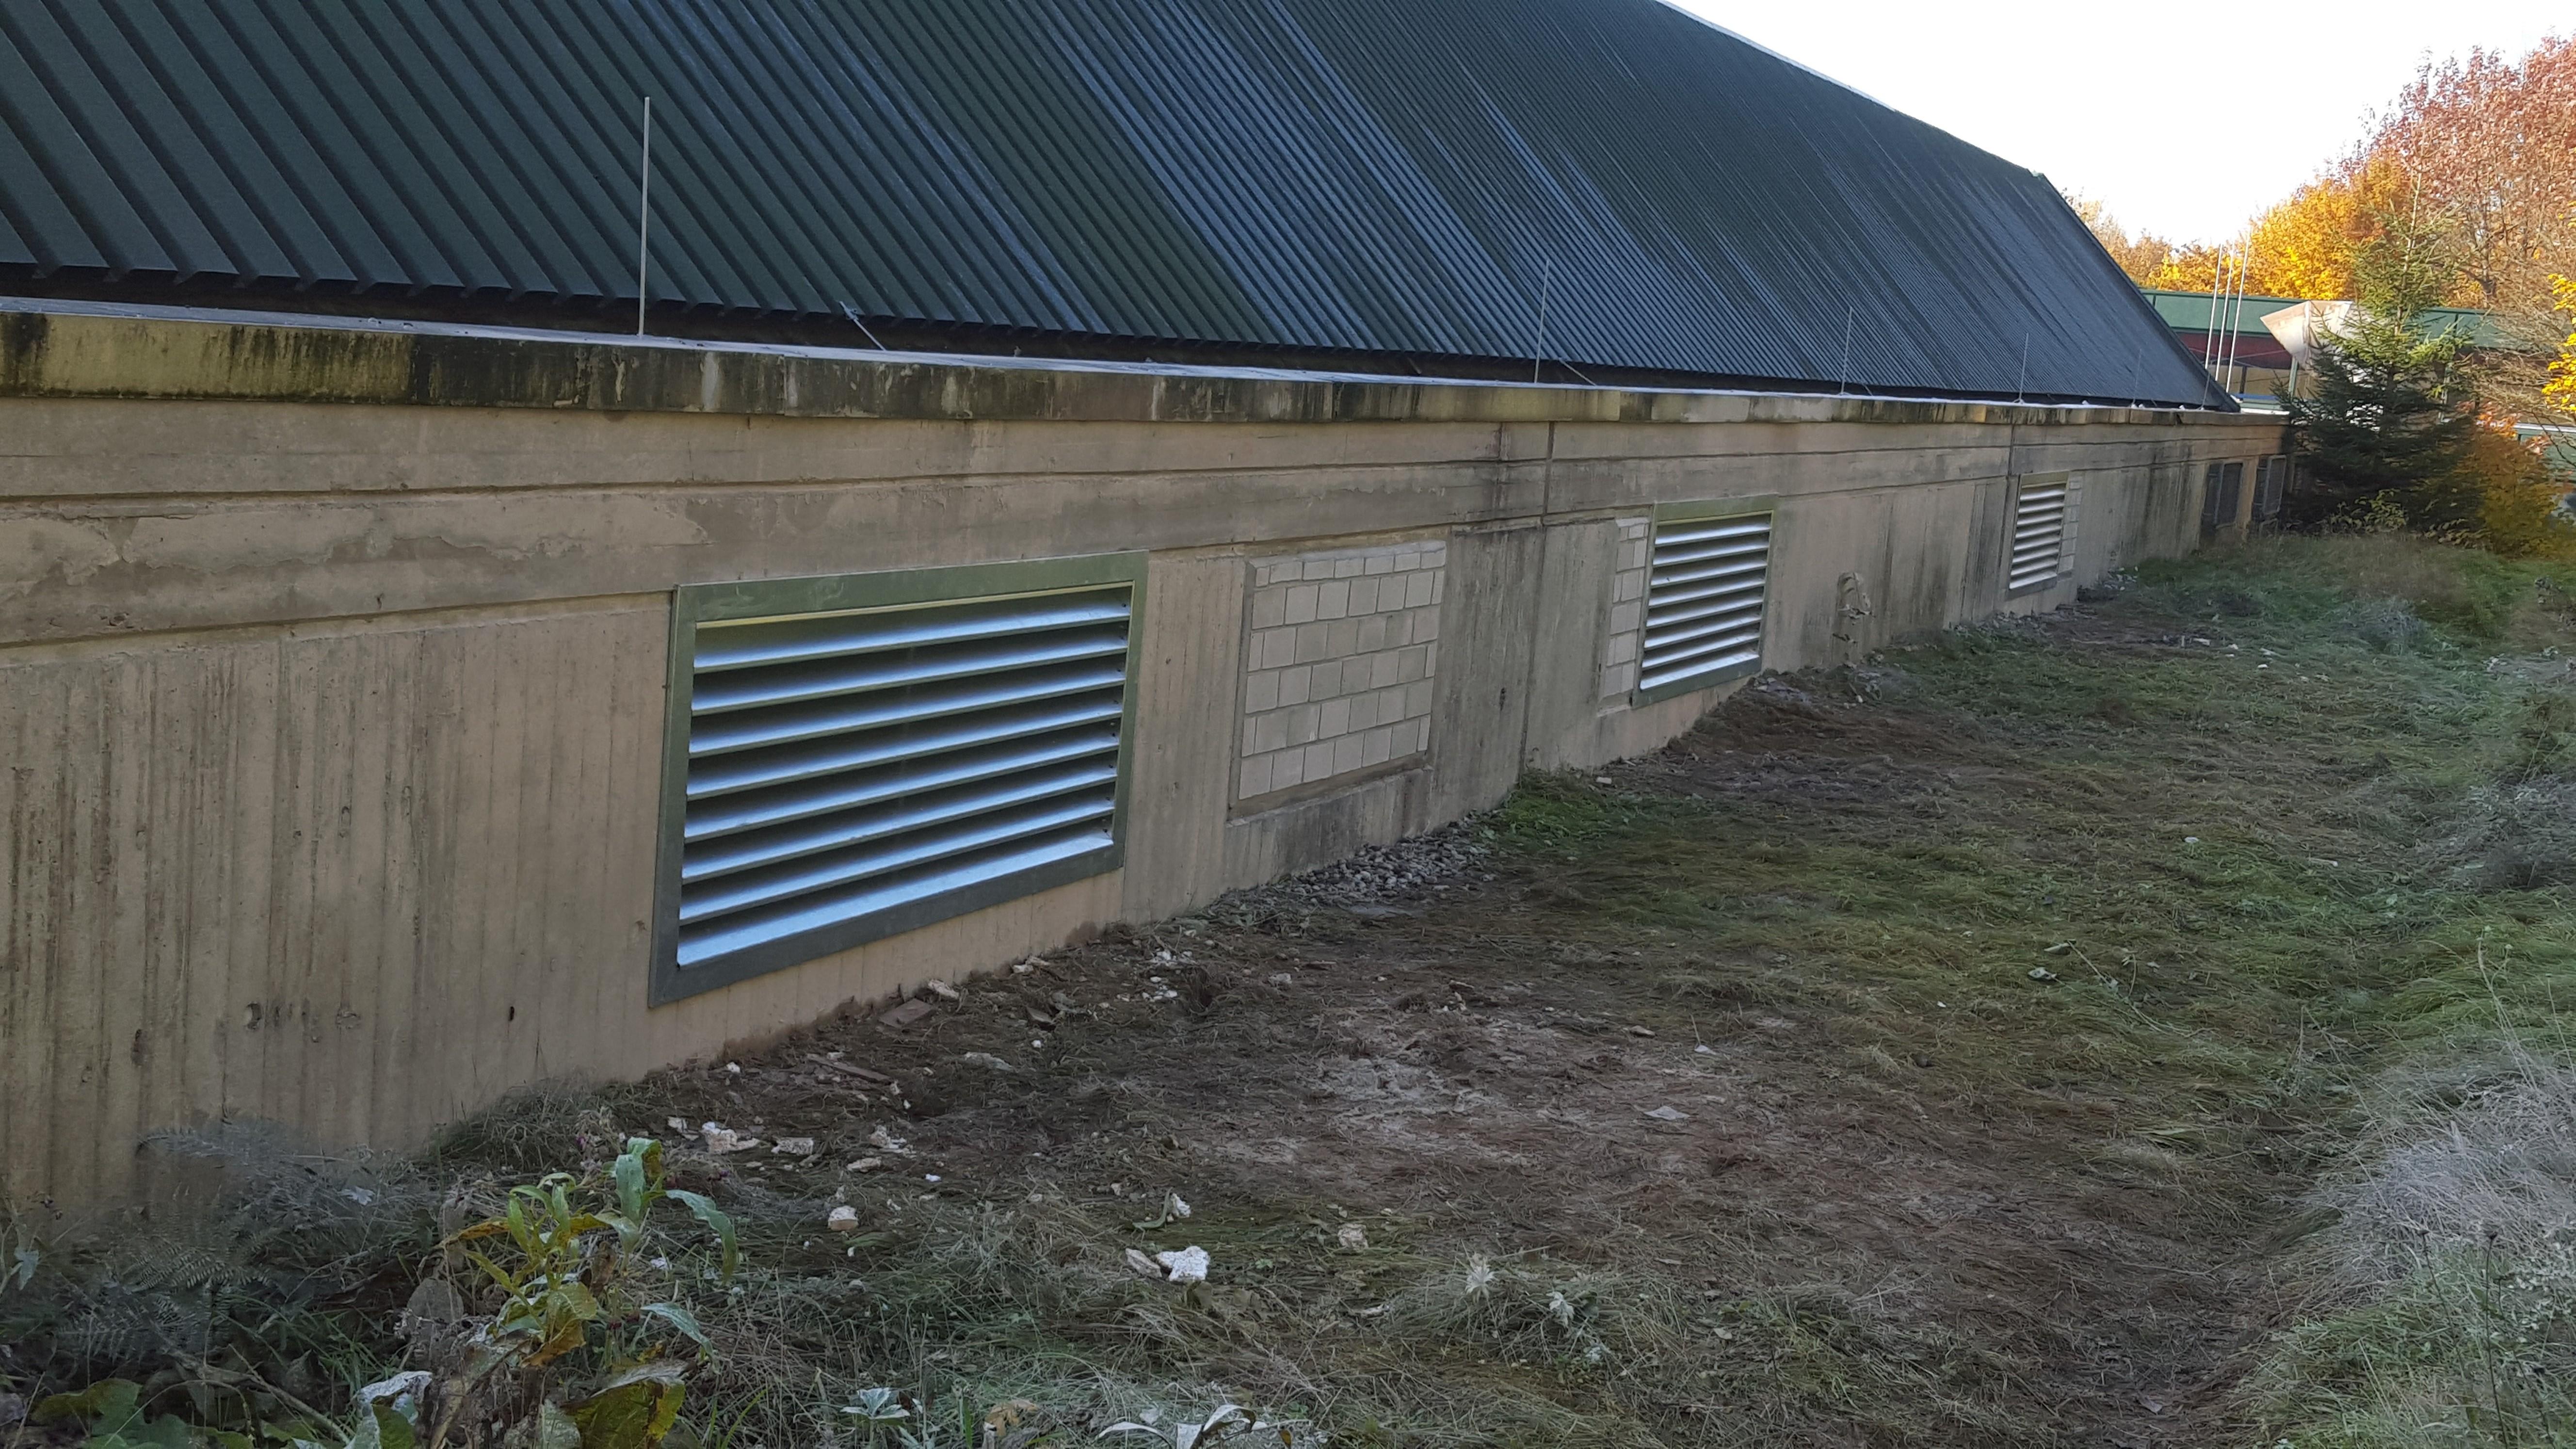 Einbau neuer Wetterschutzgitter (außen) für die Lüftungsanlage